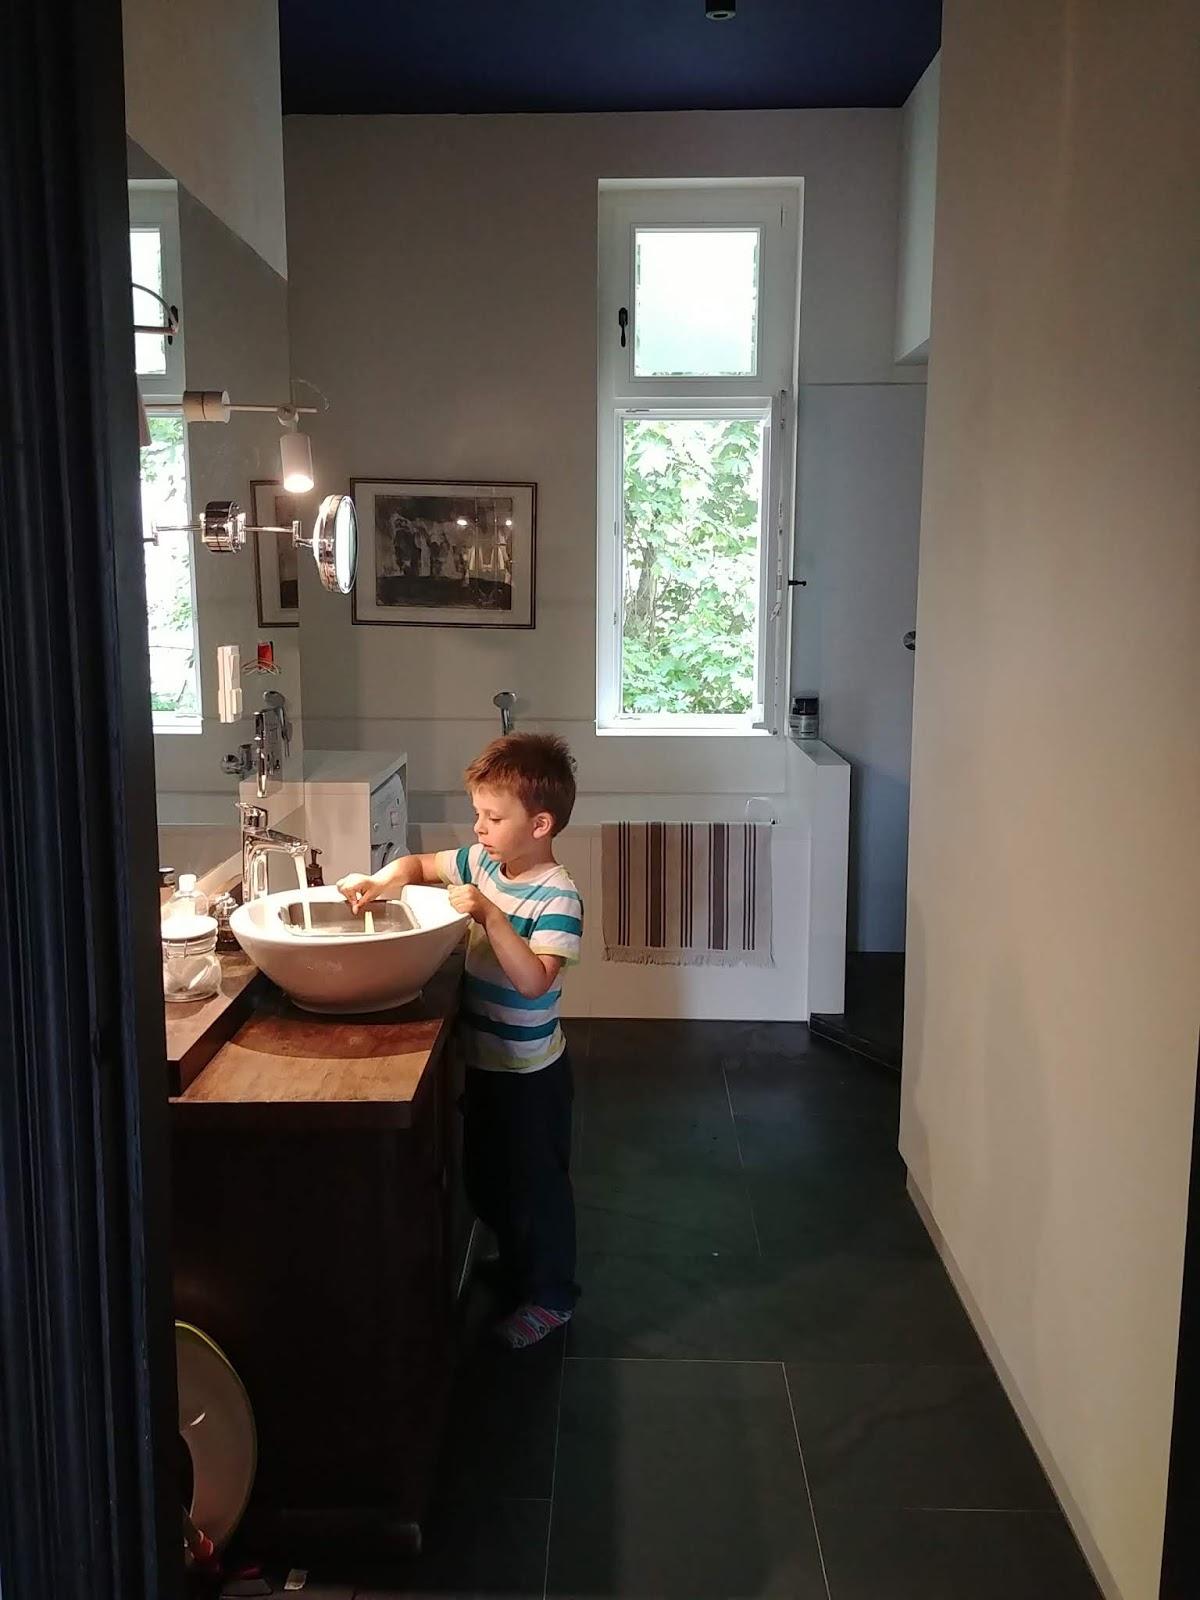 Mieszkanie architekta w kamienicy łazienka